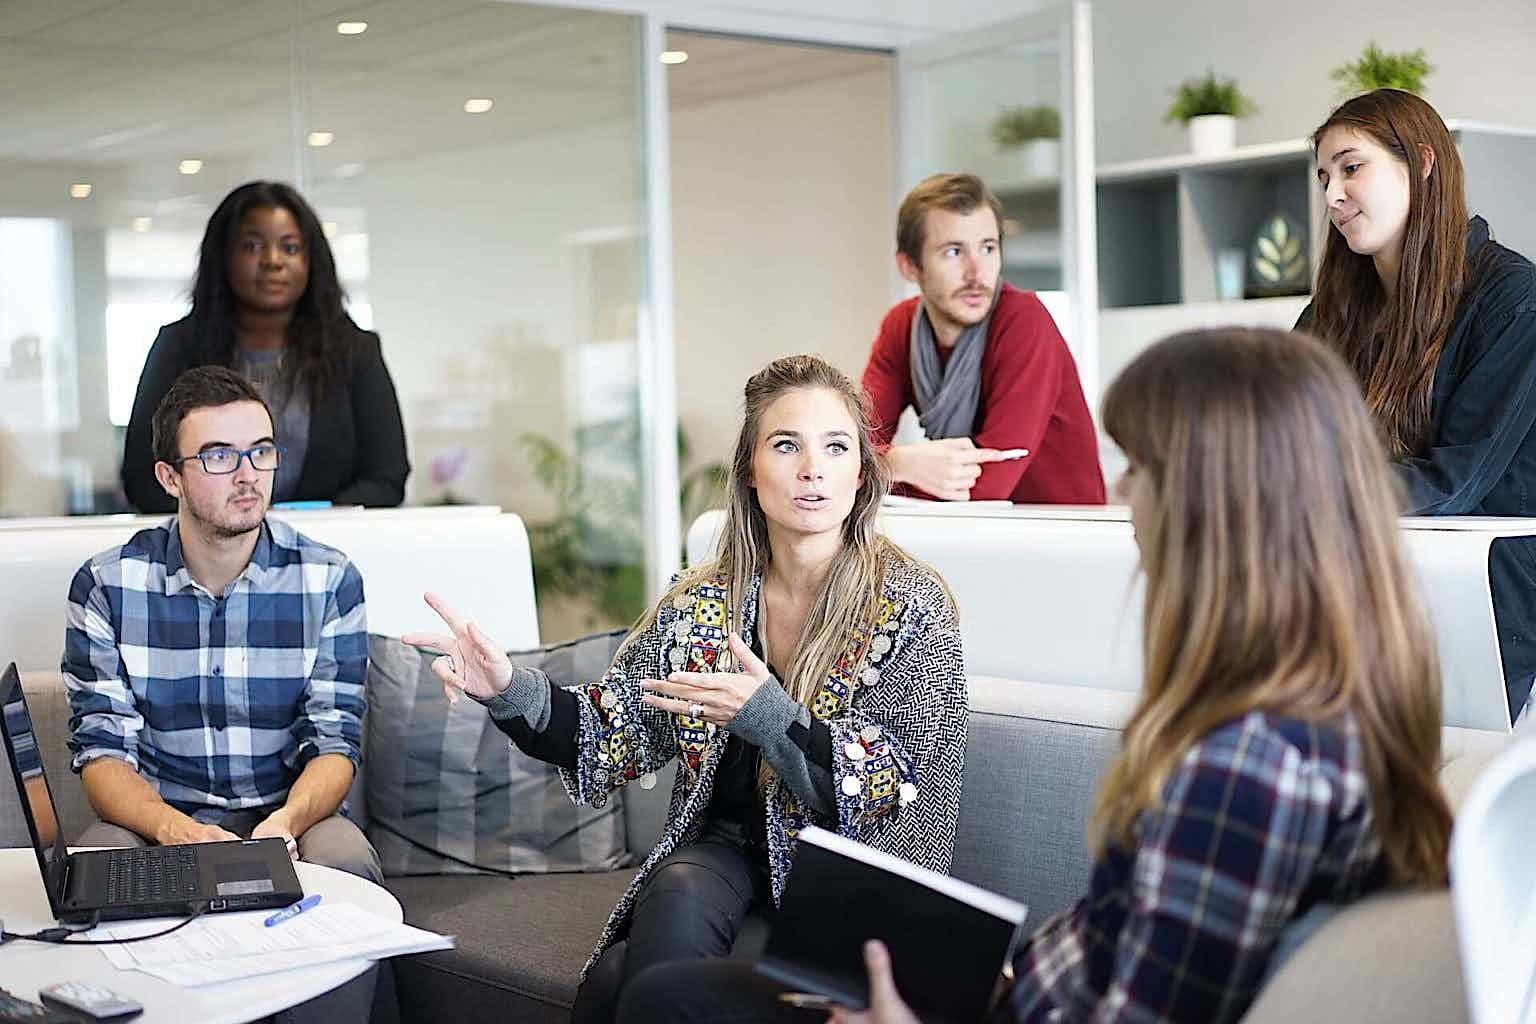 Mehrere Mitarbeiter sitzen im Büro und führen ein Gespräch